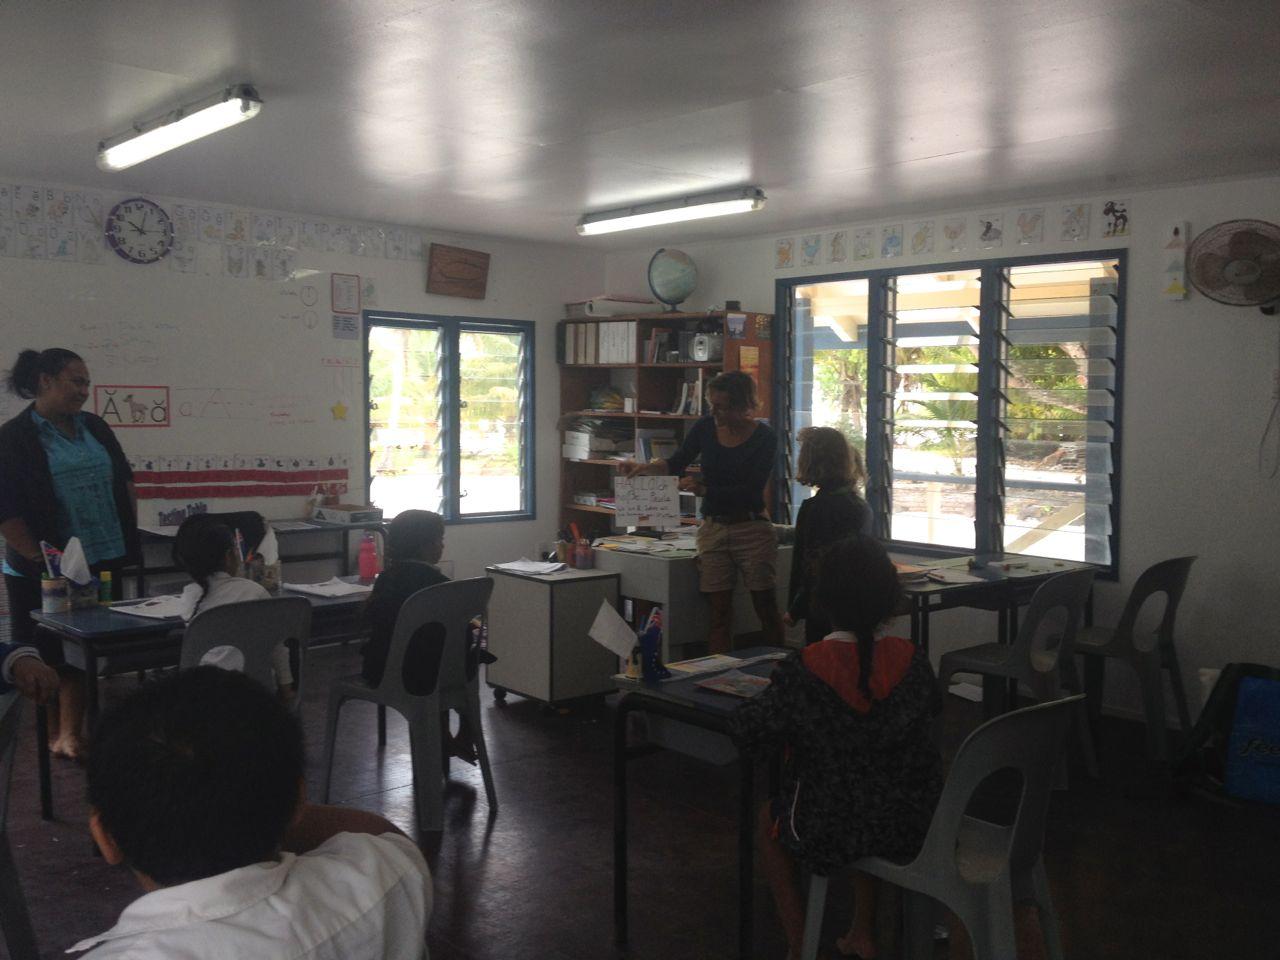 Urte zeigt in der Schule von Palmerston wo wir her kommen.